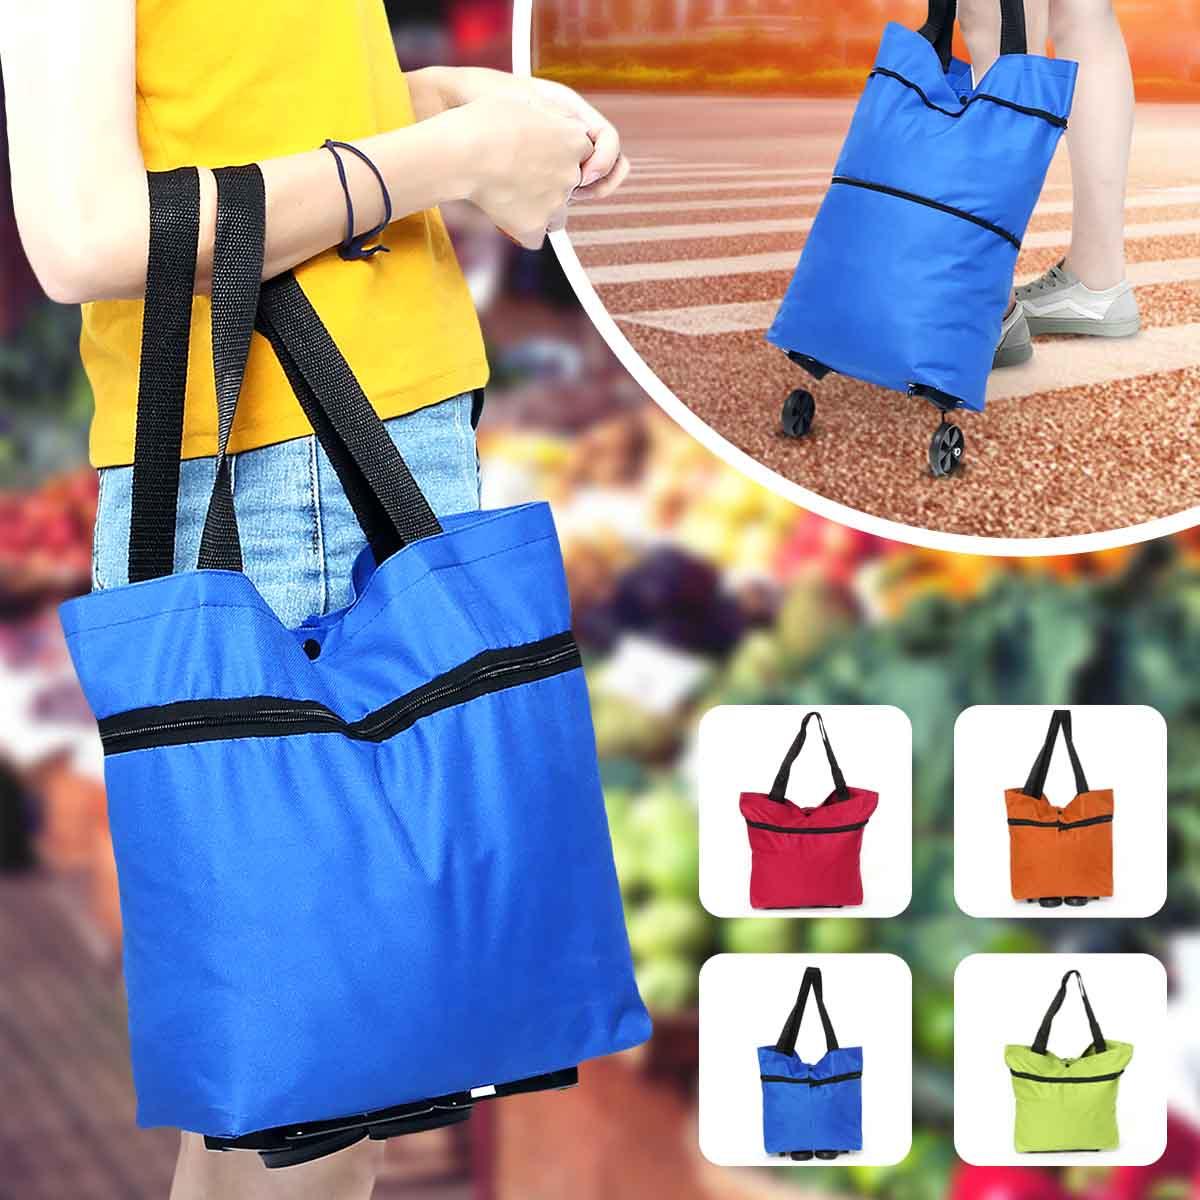 Bolso plegable colorido del carro de la compra de las mujeres bolso del carro de compra portátil con las ruedas carro plegable que rueda supermercado